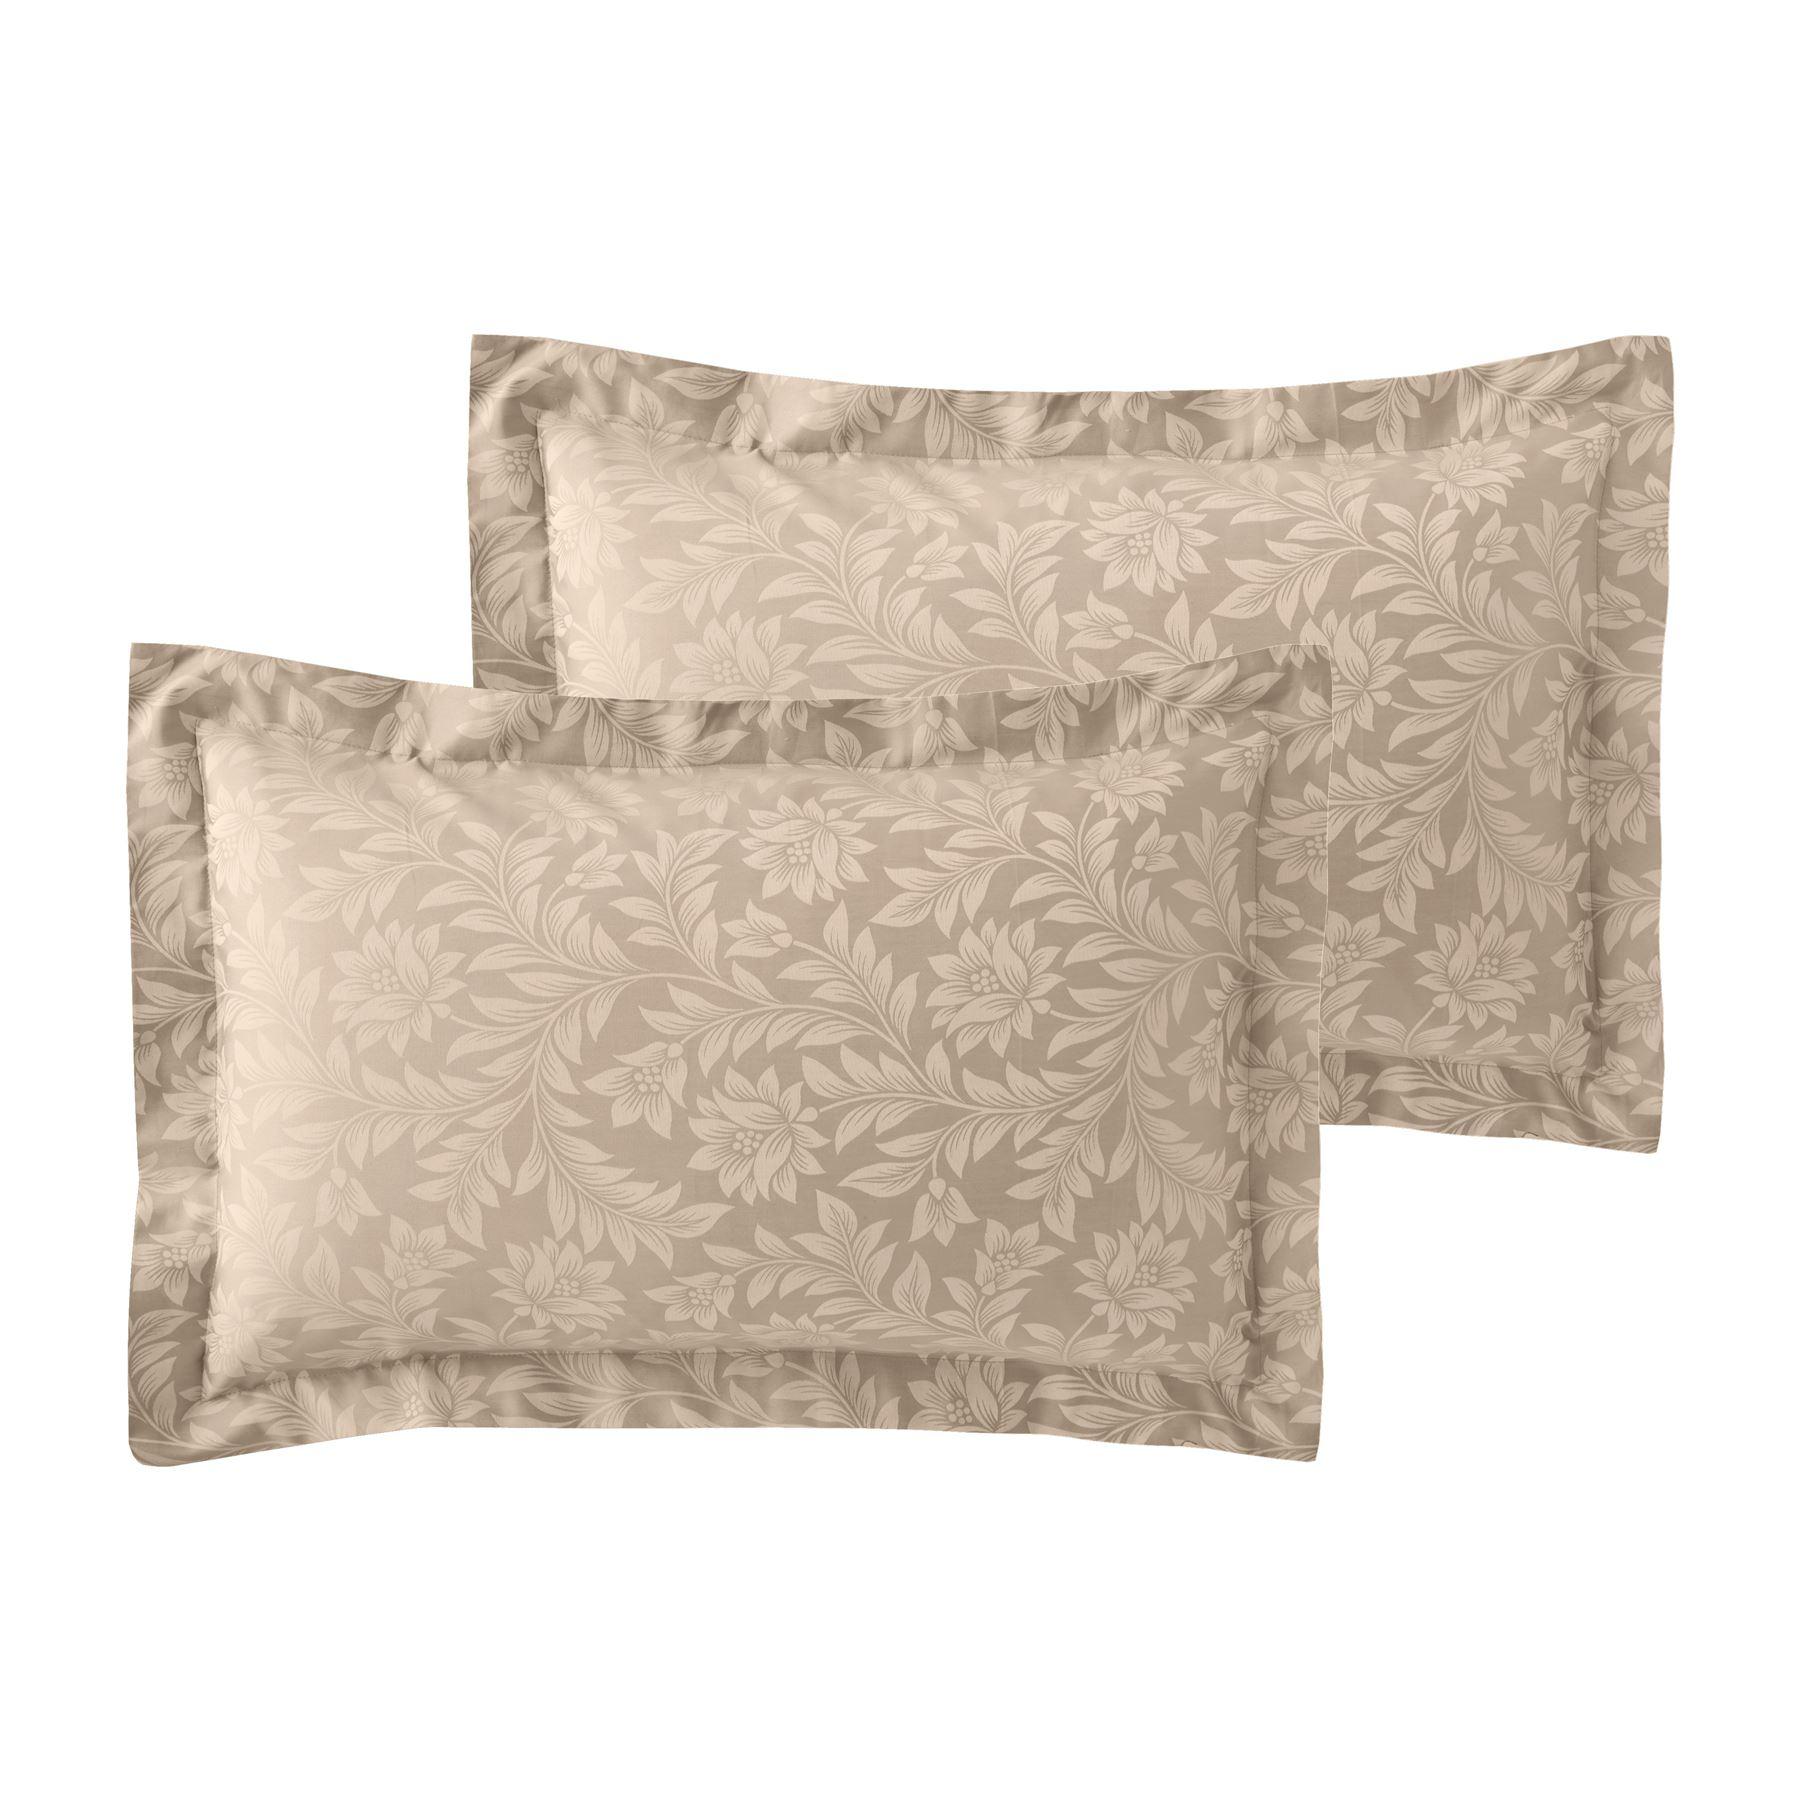 Jacquard-600-Hilos-De-Algodon-Rico-Floral-Duvet-Cover-Set-Fundas-de-almohada-Oxford miniatura 20